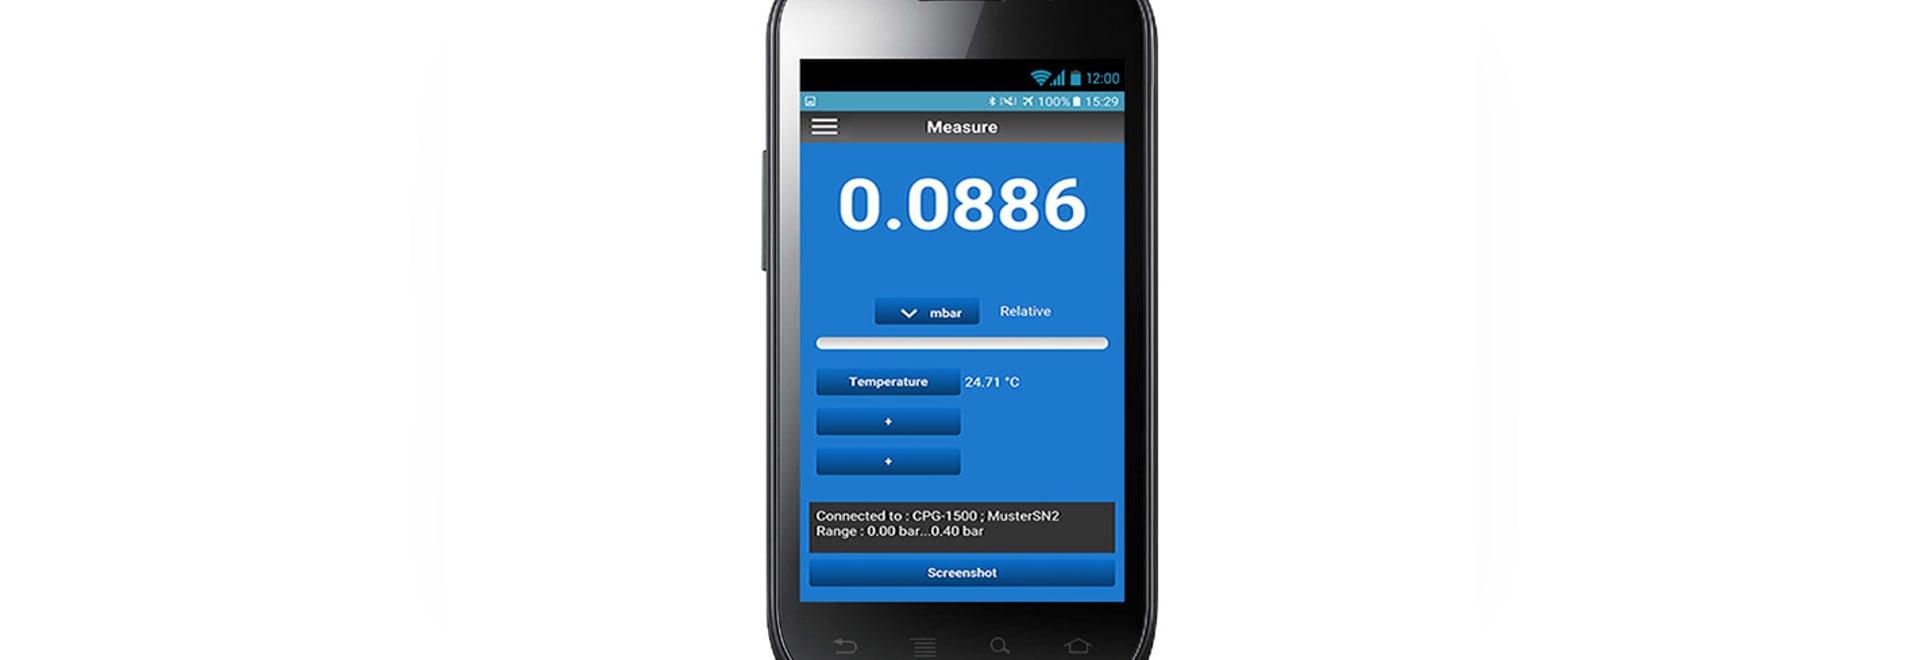 Via App und Smartphone Gerät konfigurieren und auslesen